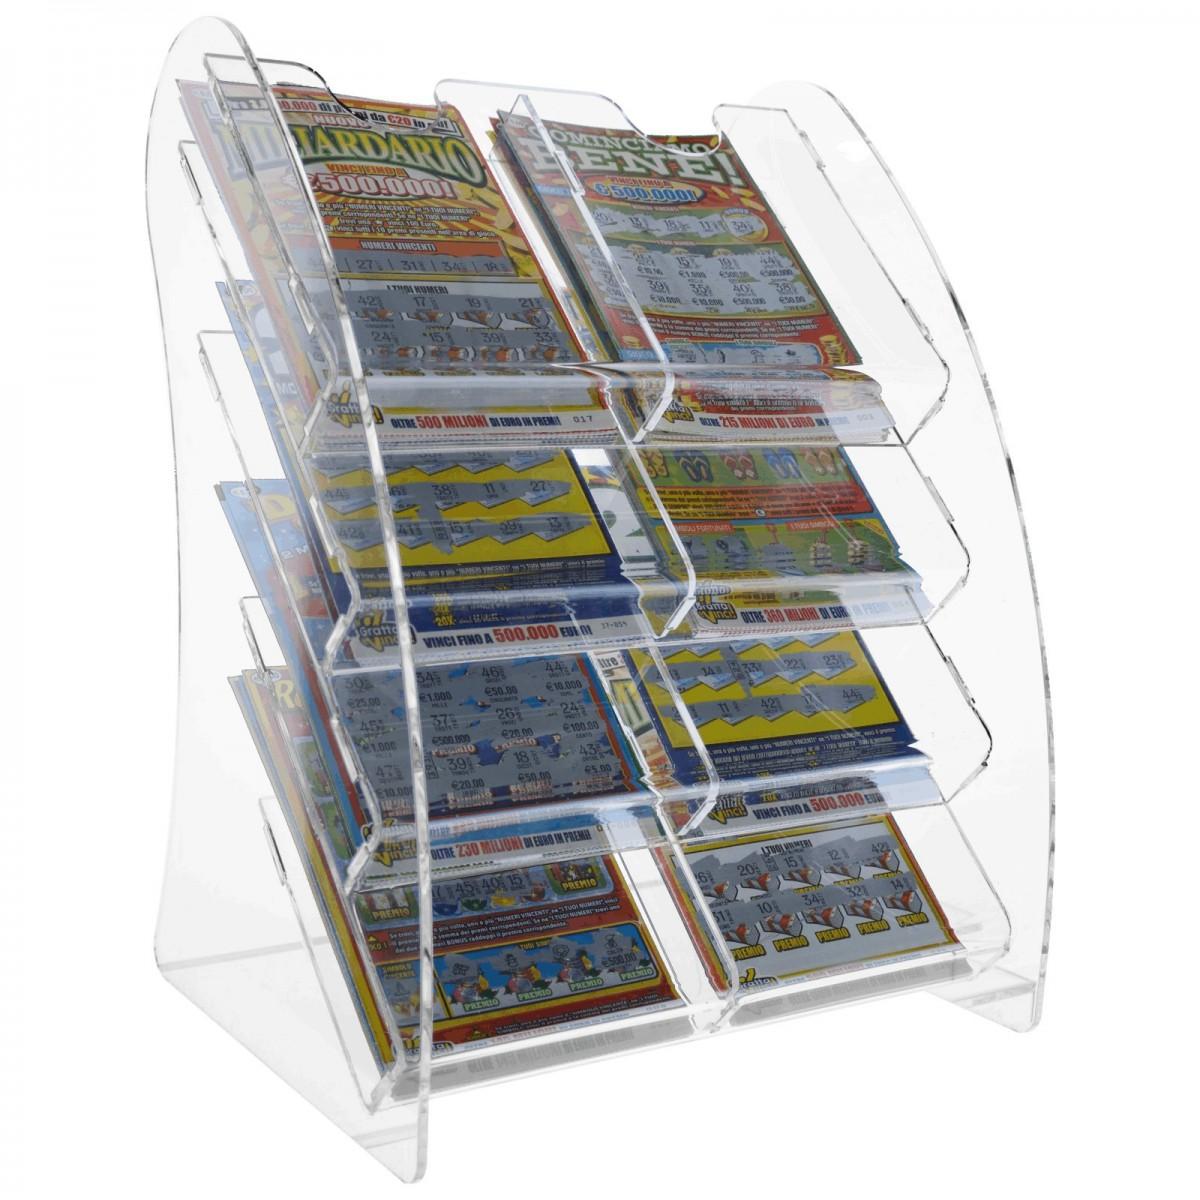 E-216 EGV - Espositore schedine e gratta e vinci da banco in plexiglass trasparente a 8 scomparti